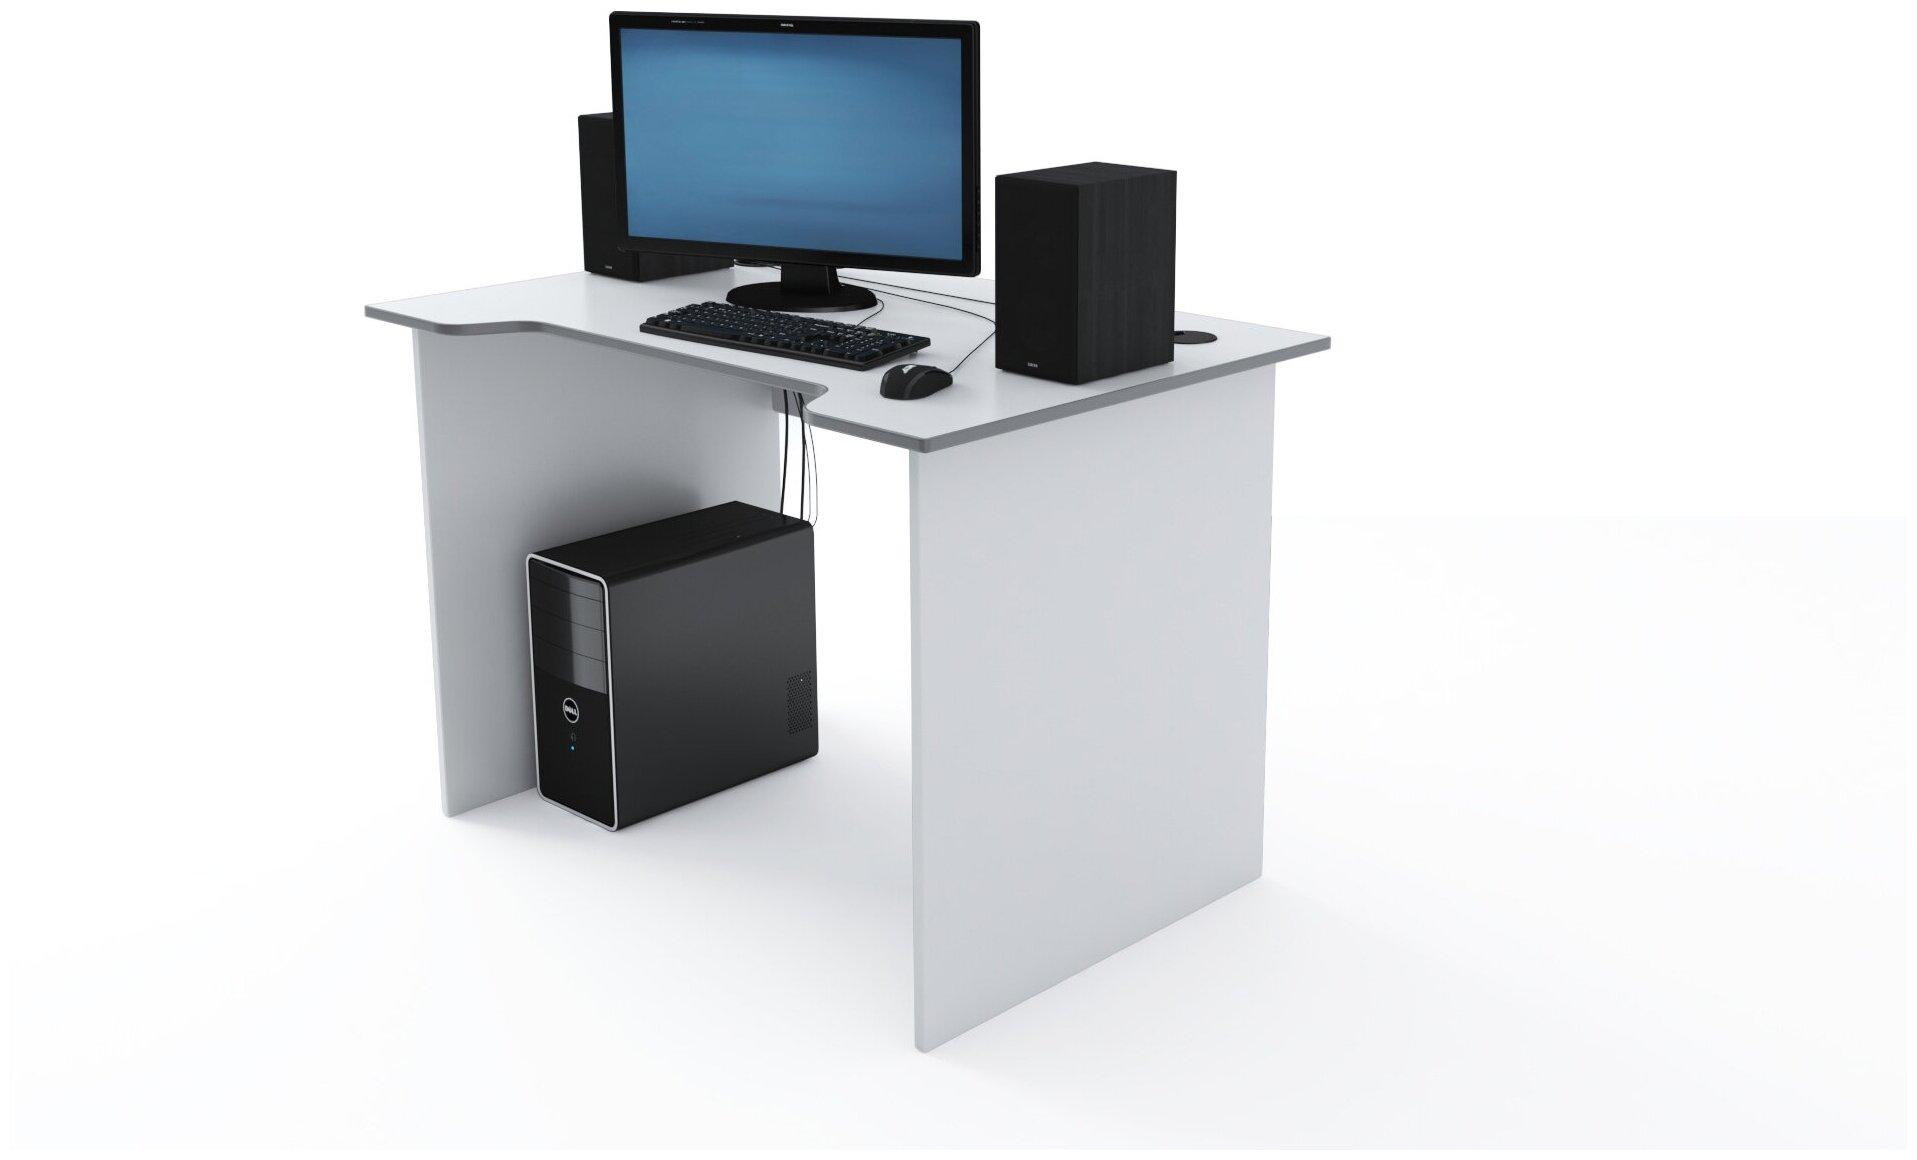 Стол Компьютерный Jedi 1100 Белый/Серый — купить по выгодной цене на Яндекс.Маркете